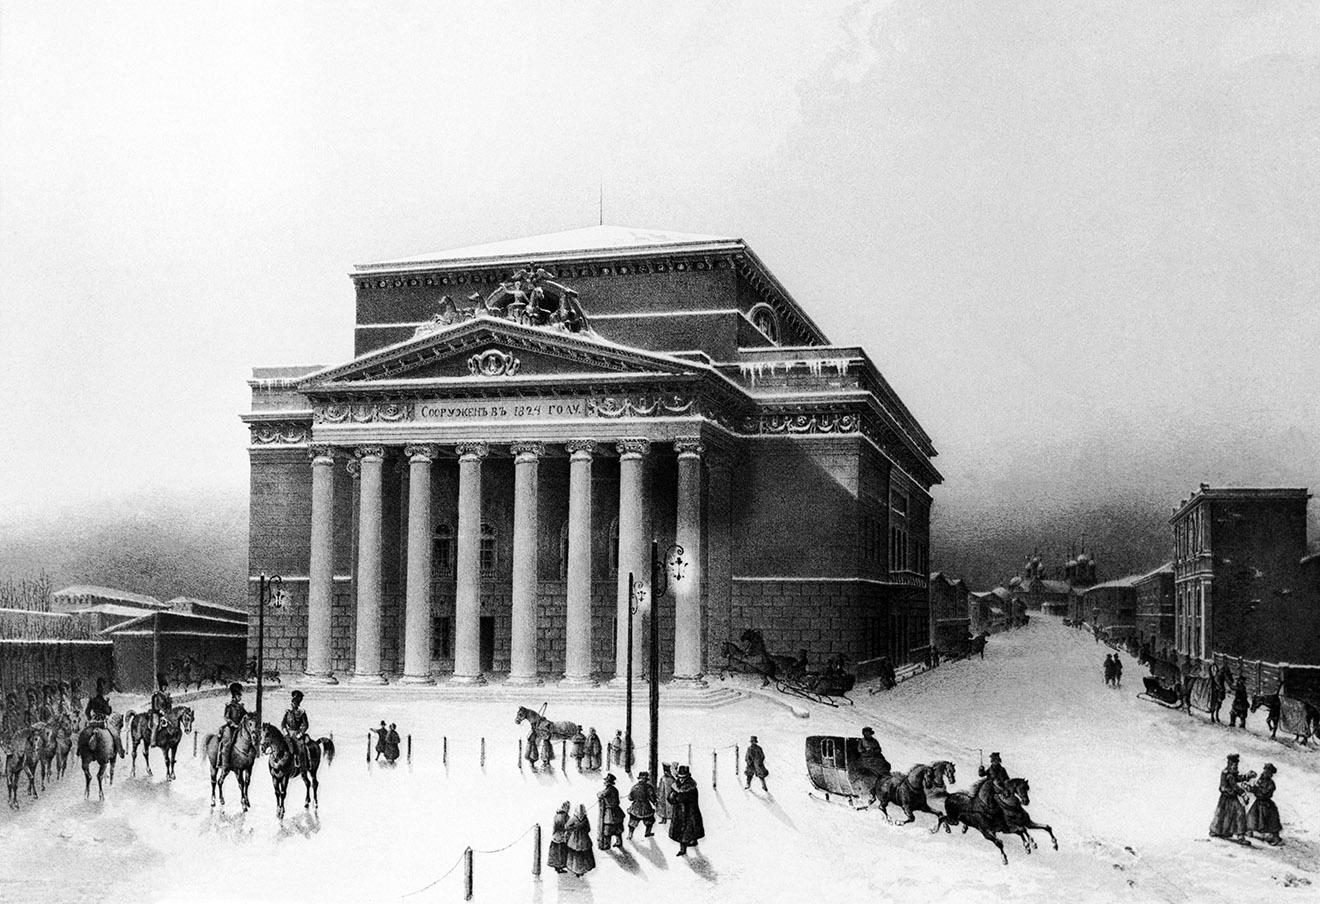 Большой театр, XIX век. Гравюра, выполненная по рисунку с натуры художника Вивьена. Фотохроника ТАСС